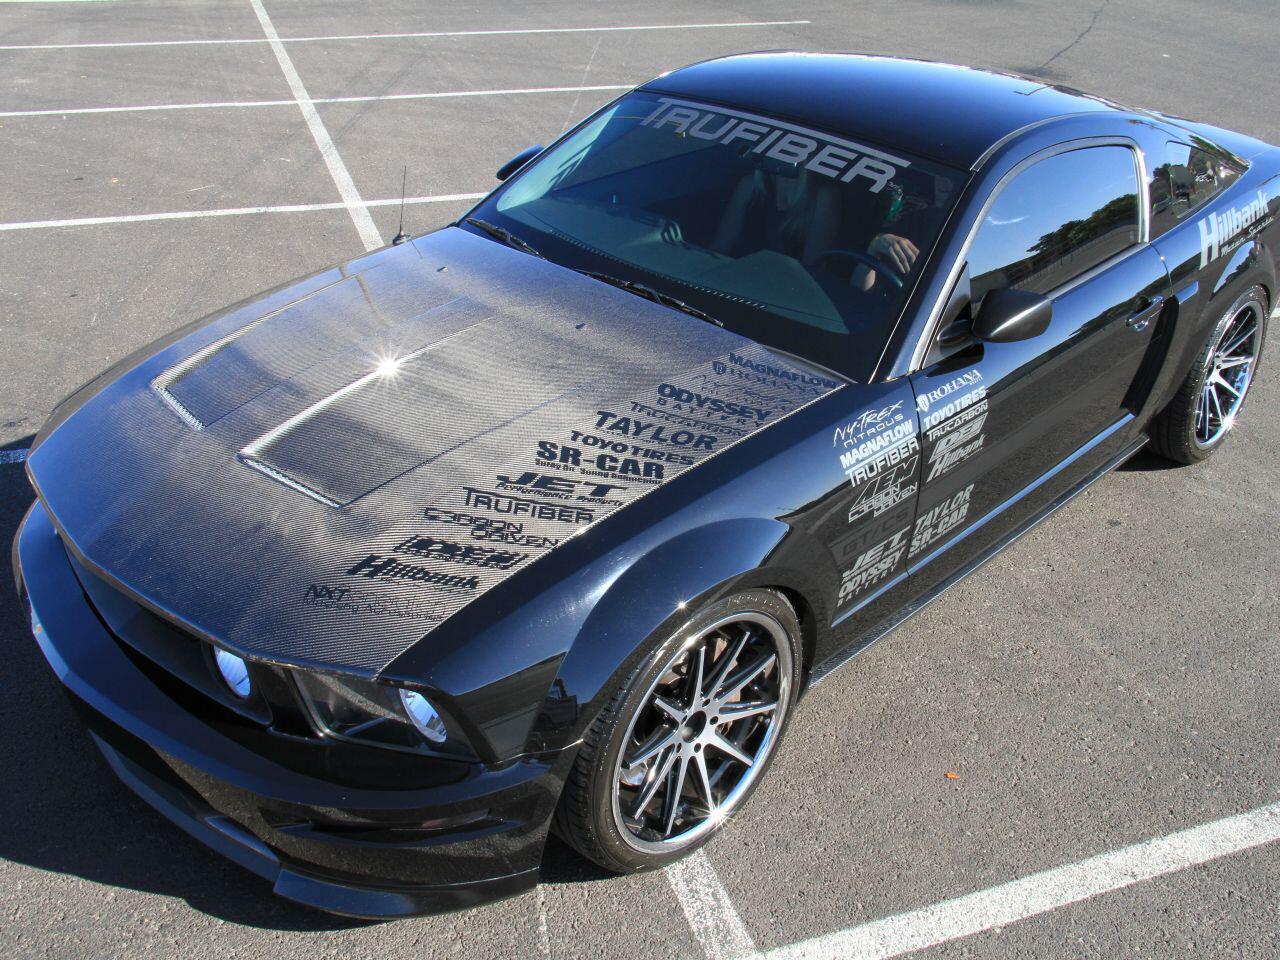 Bild zu Tuner Trufiber verpasste dem Ford Mustang eine einzigartige Lackierung